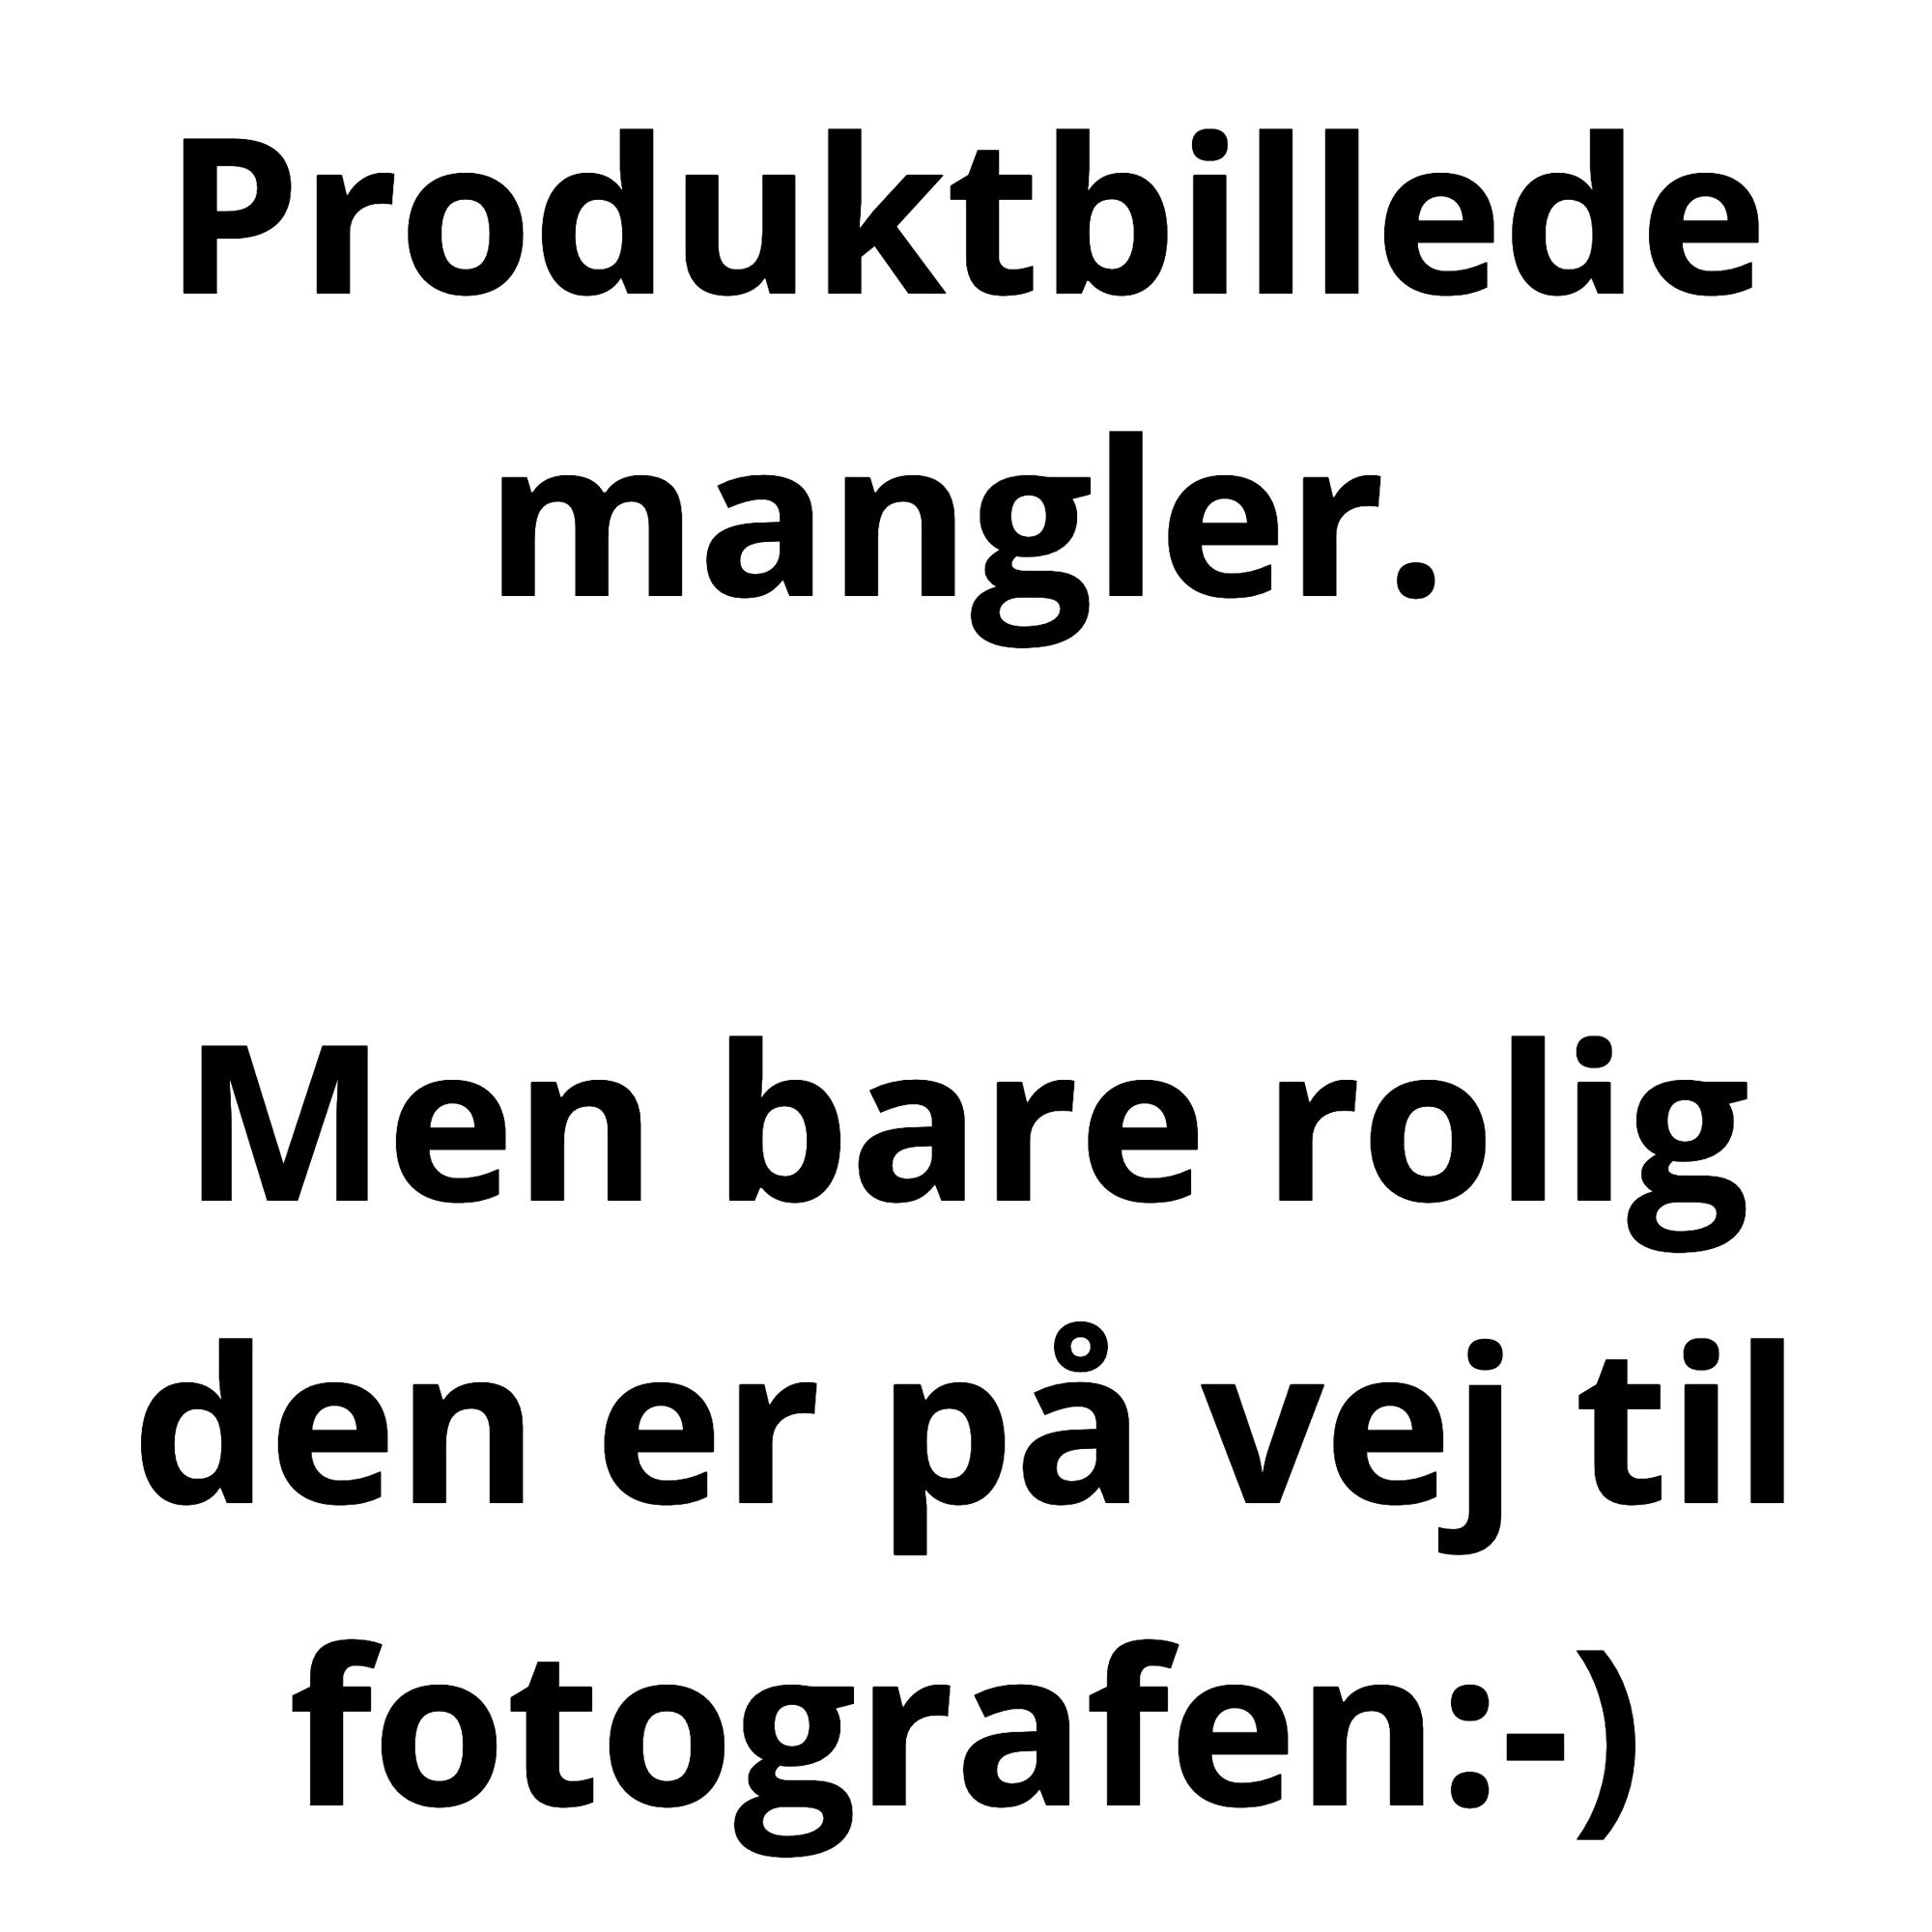 Brodit Tablet Holder Justerbar til Tablets Uden Beskyttelsescover B:185-245 H: 108-173 - 511615